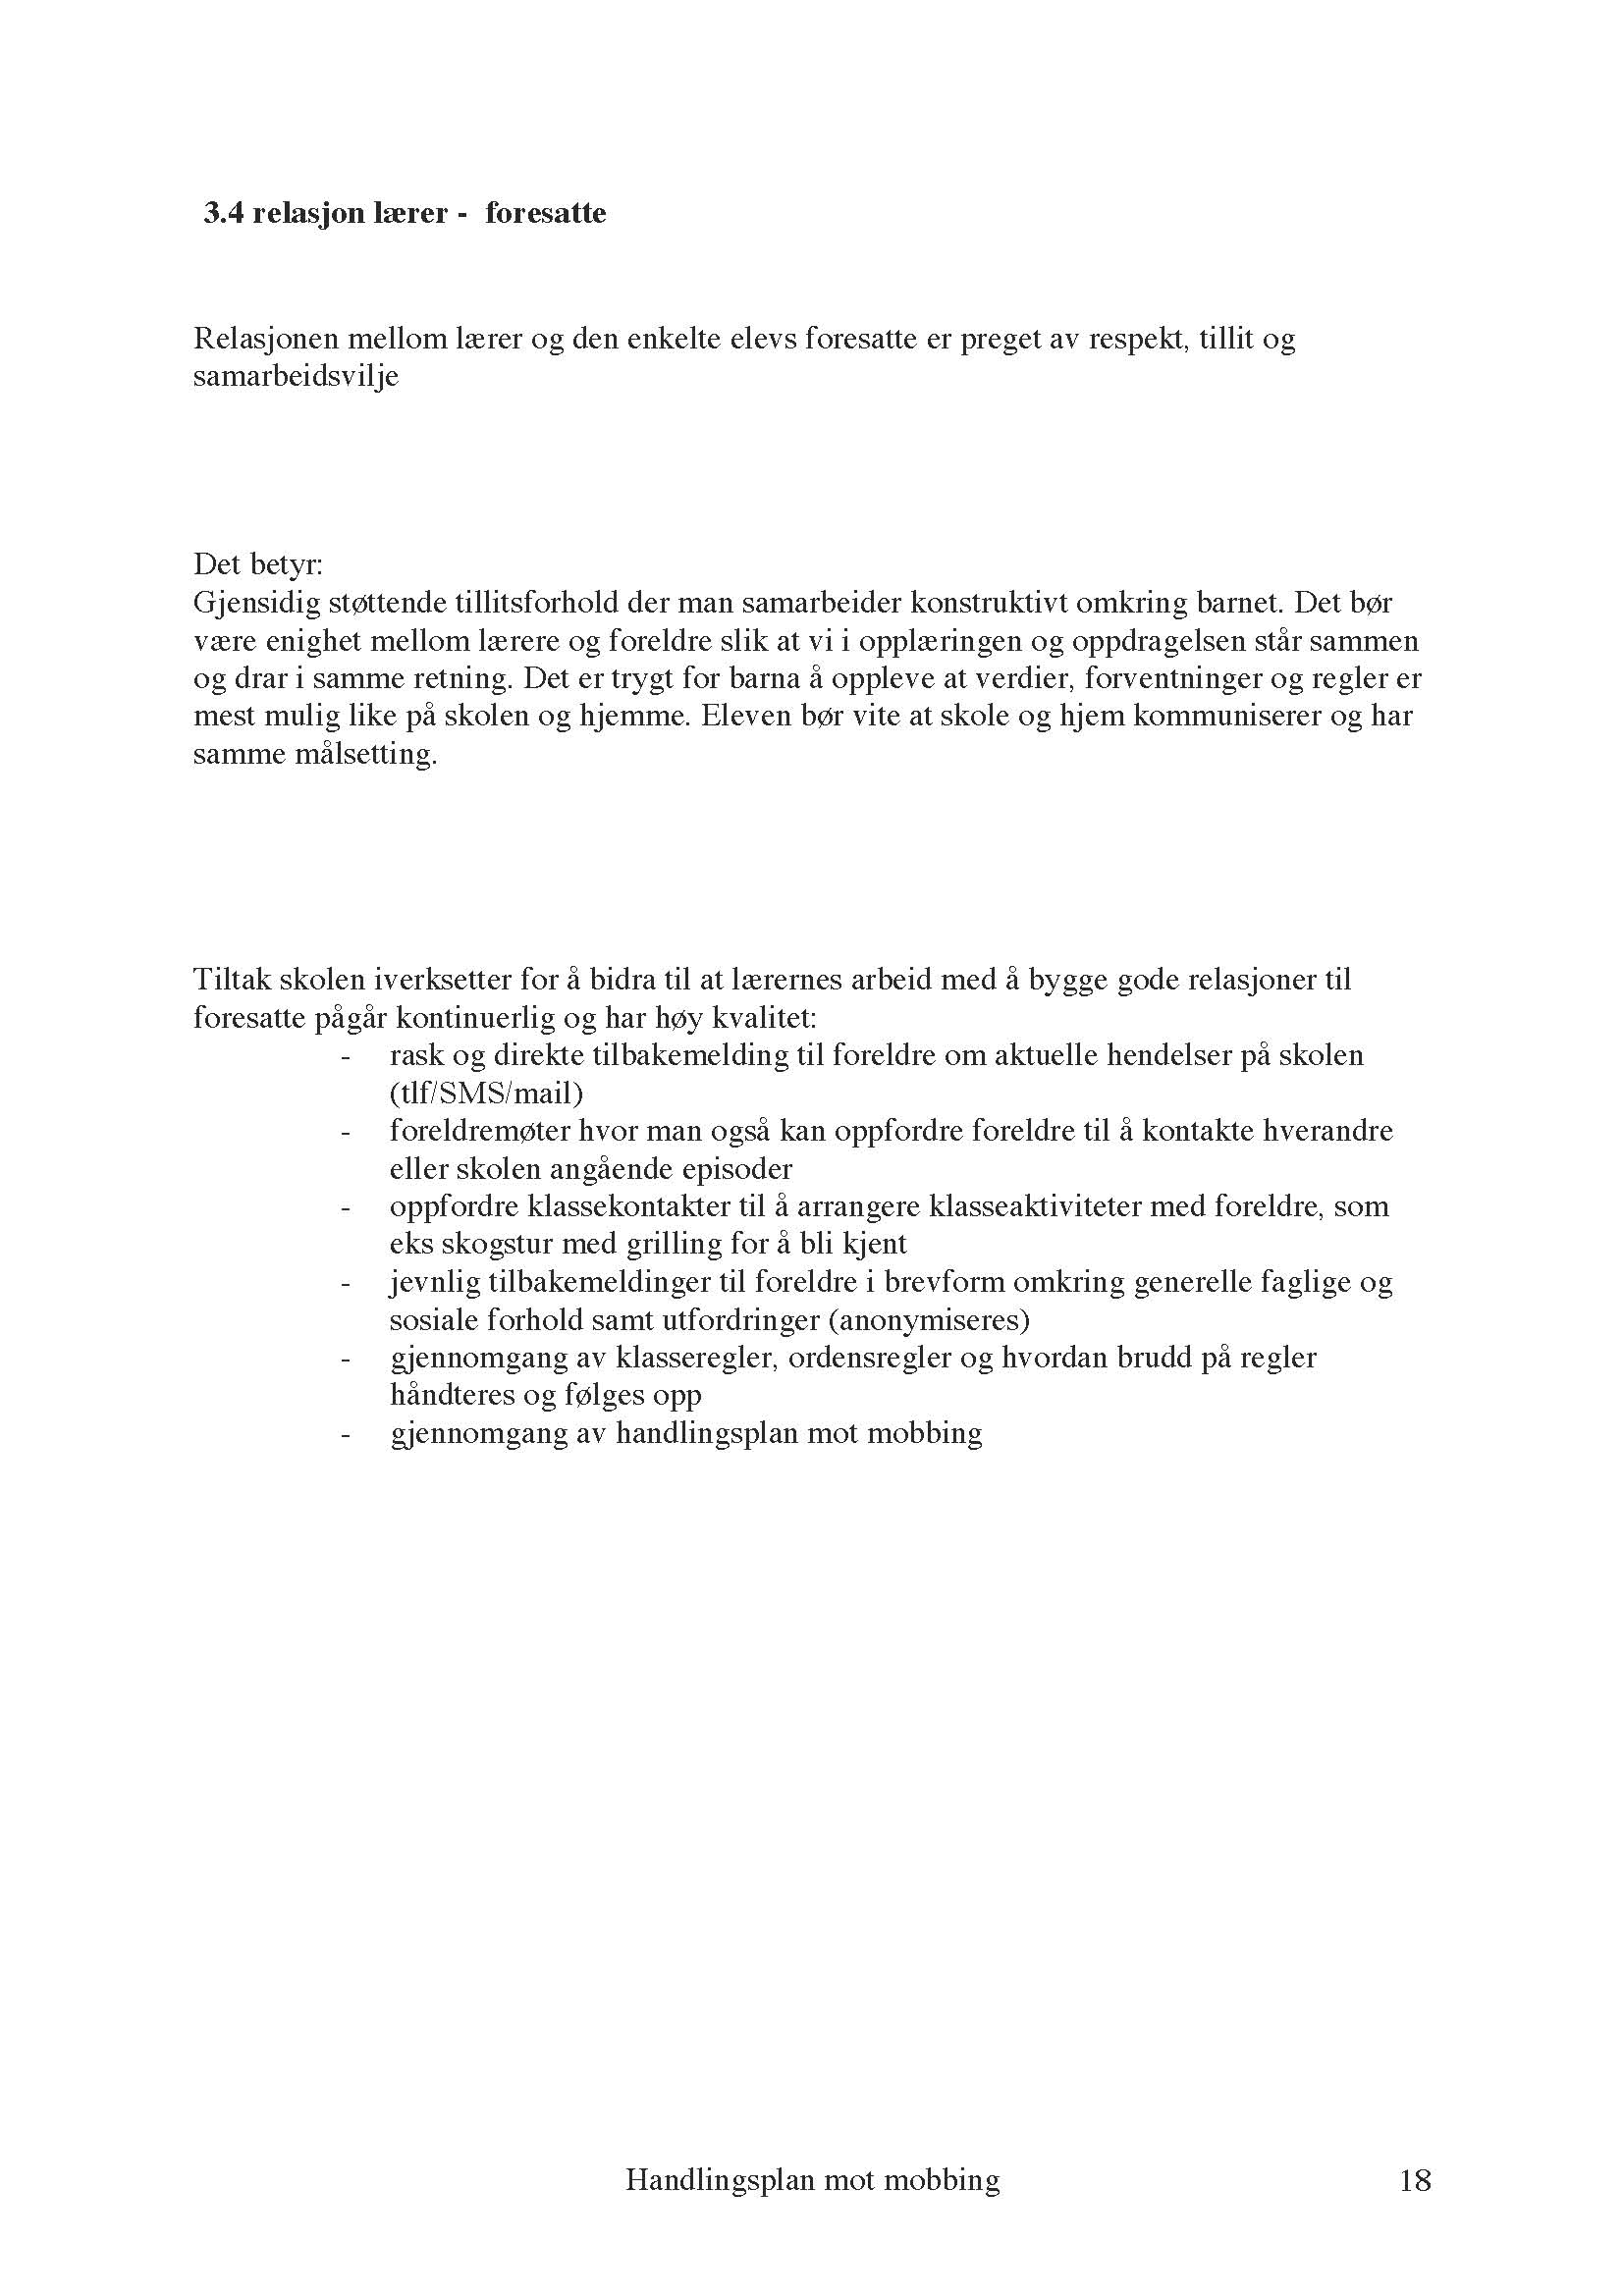 Handlingsplan mot mobbing _Page_18.jpg